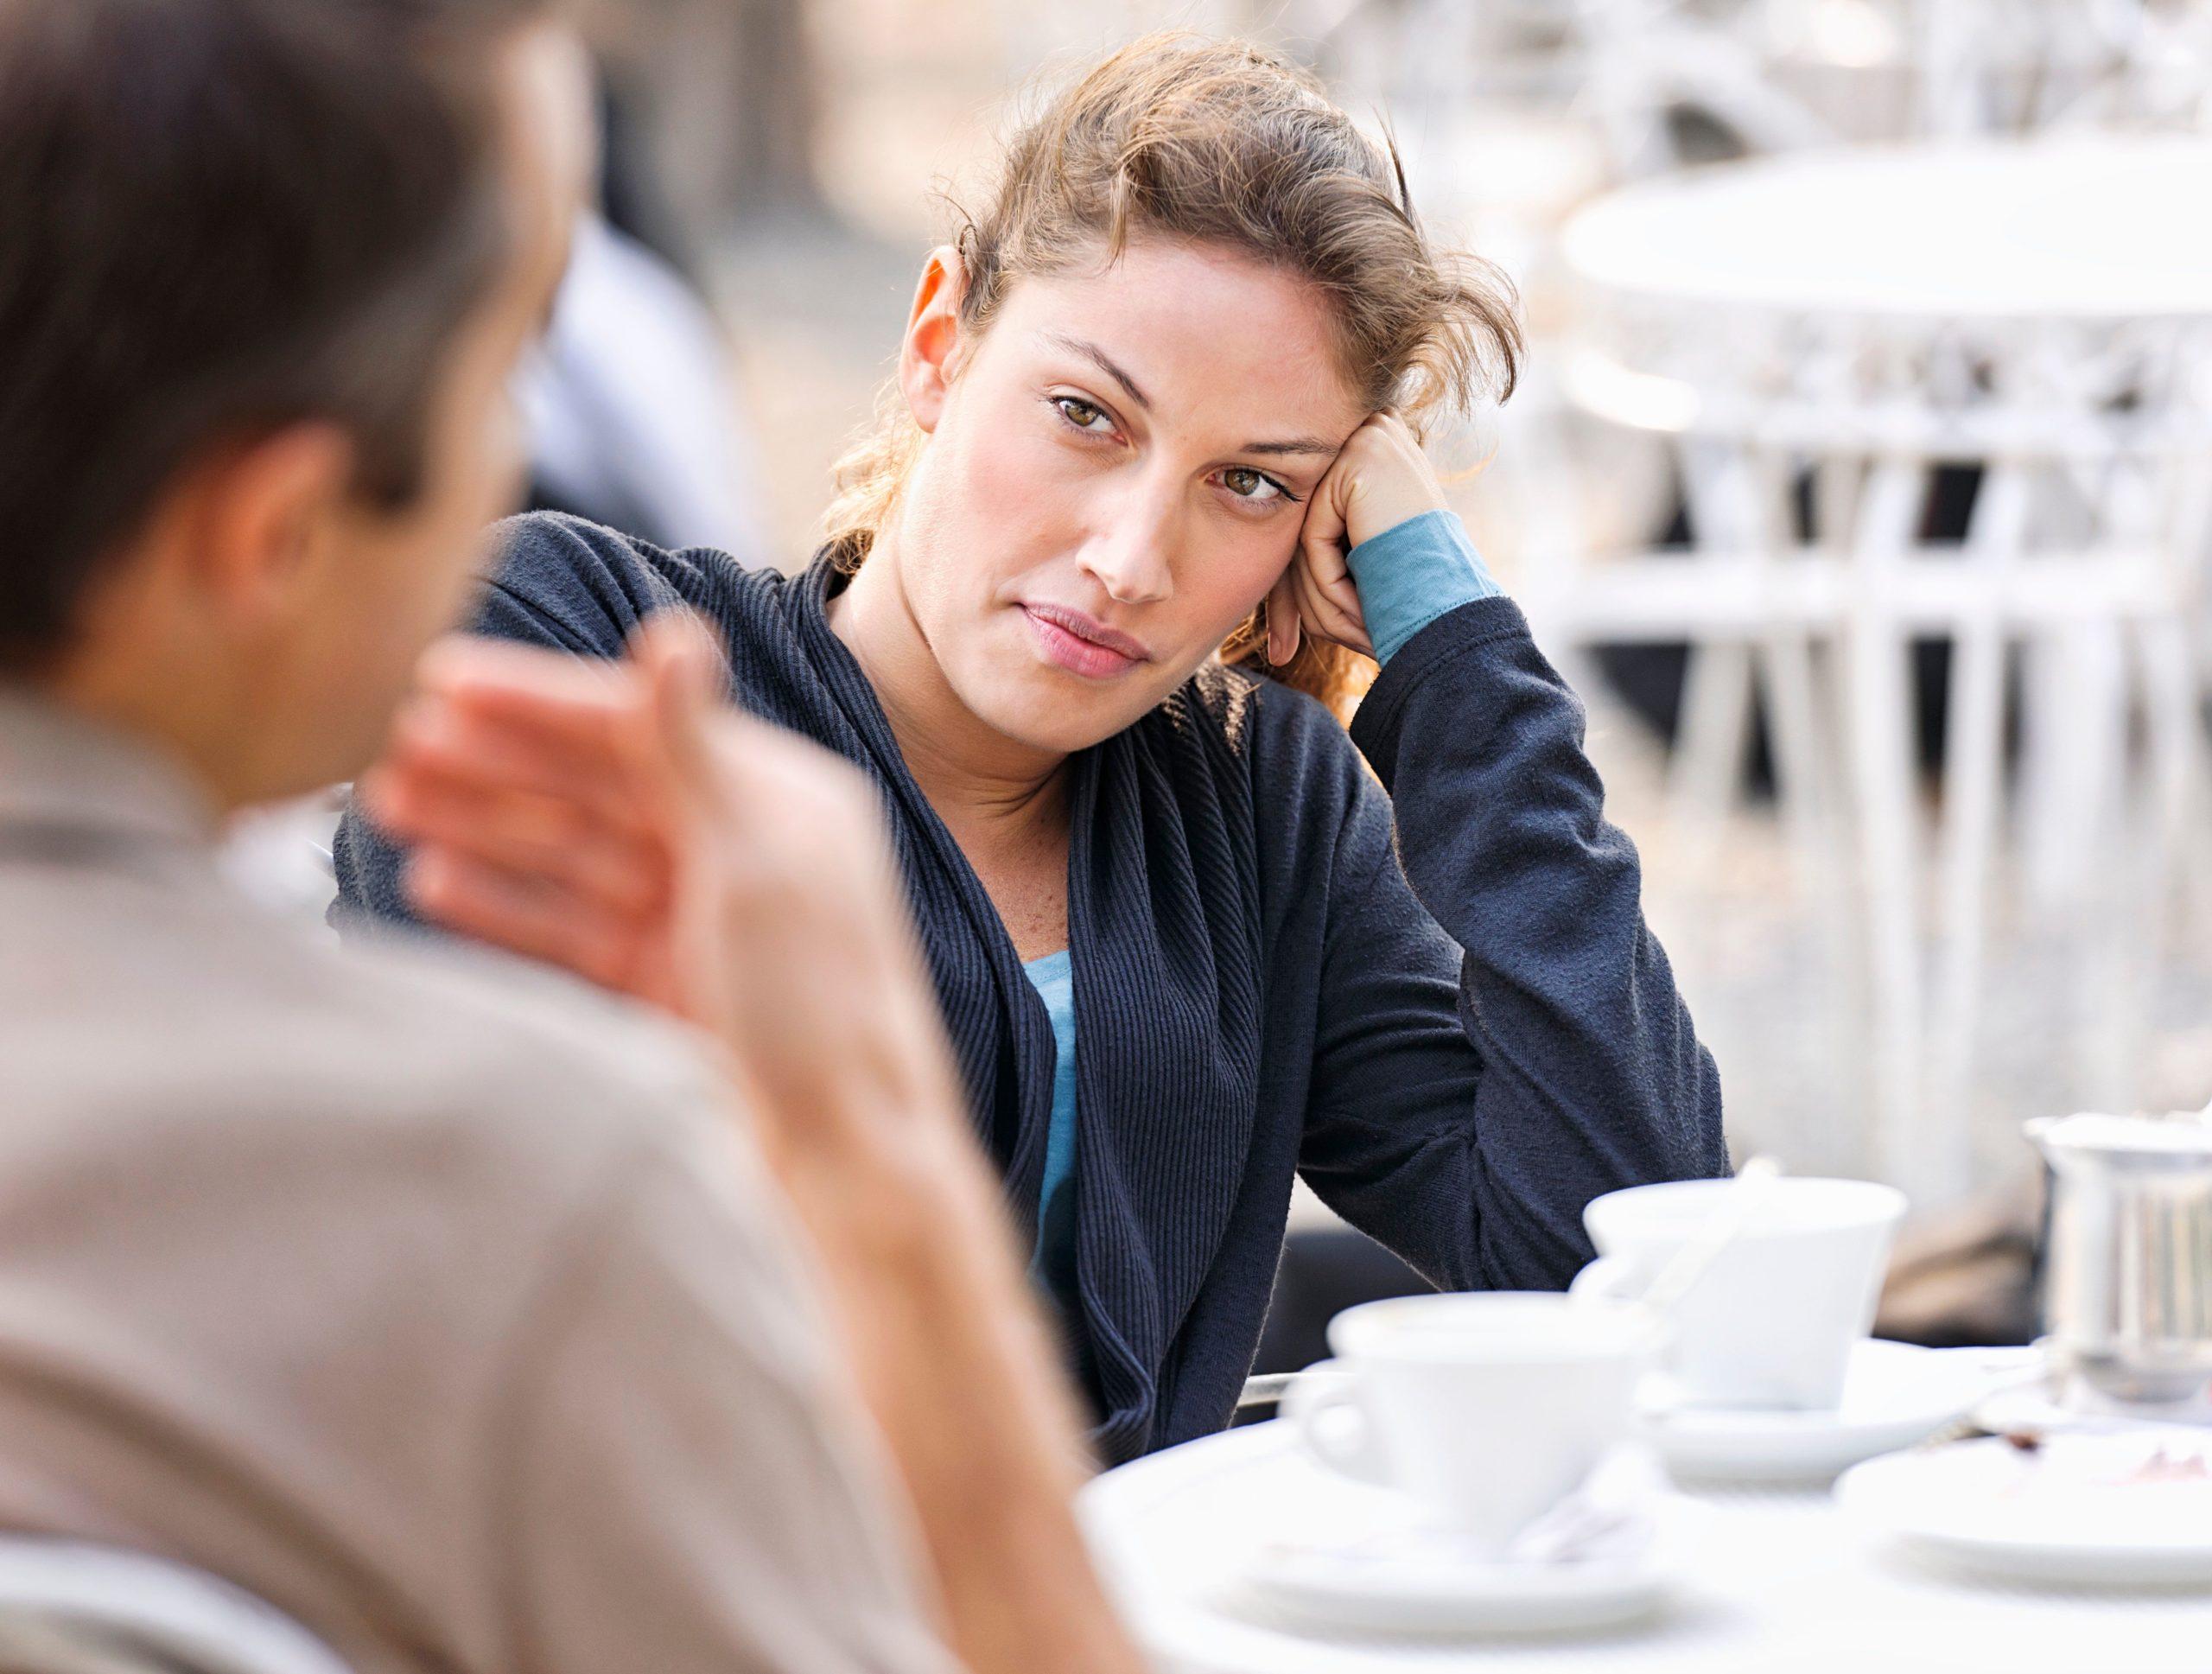 Женские недостатки, которые магнитом притягивают мужчин